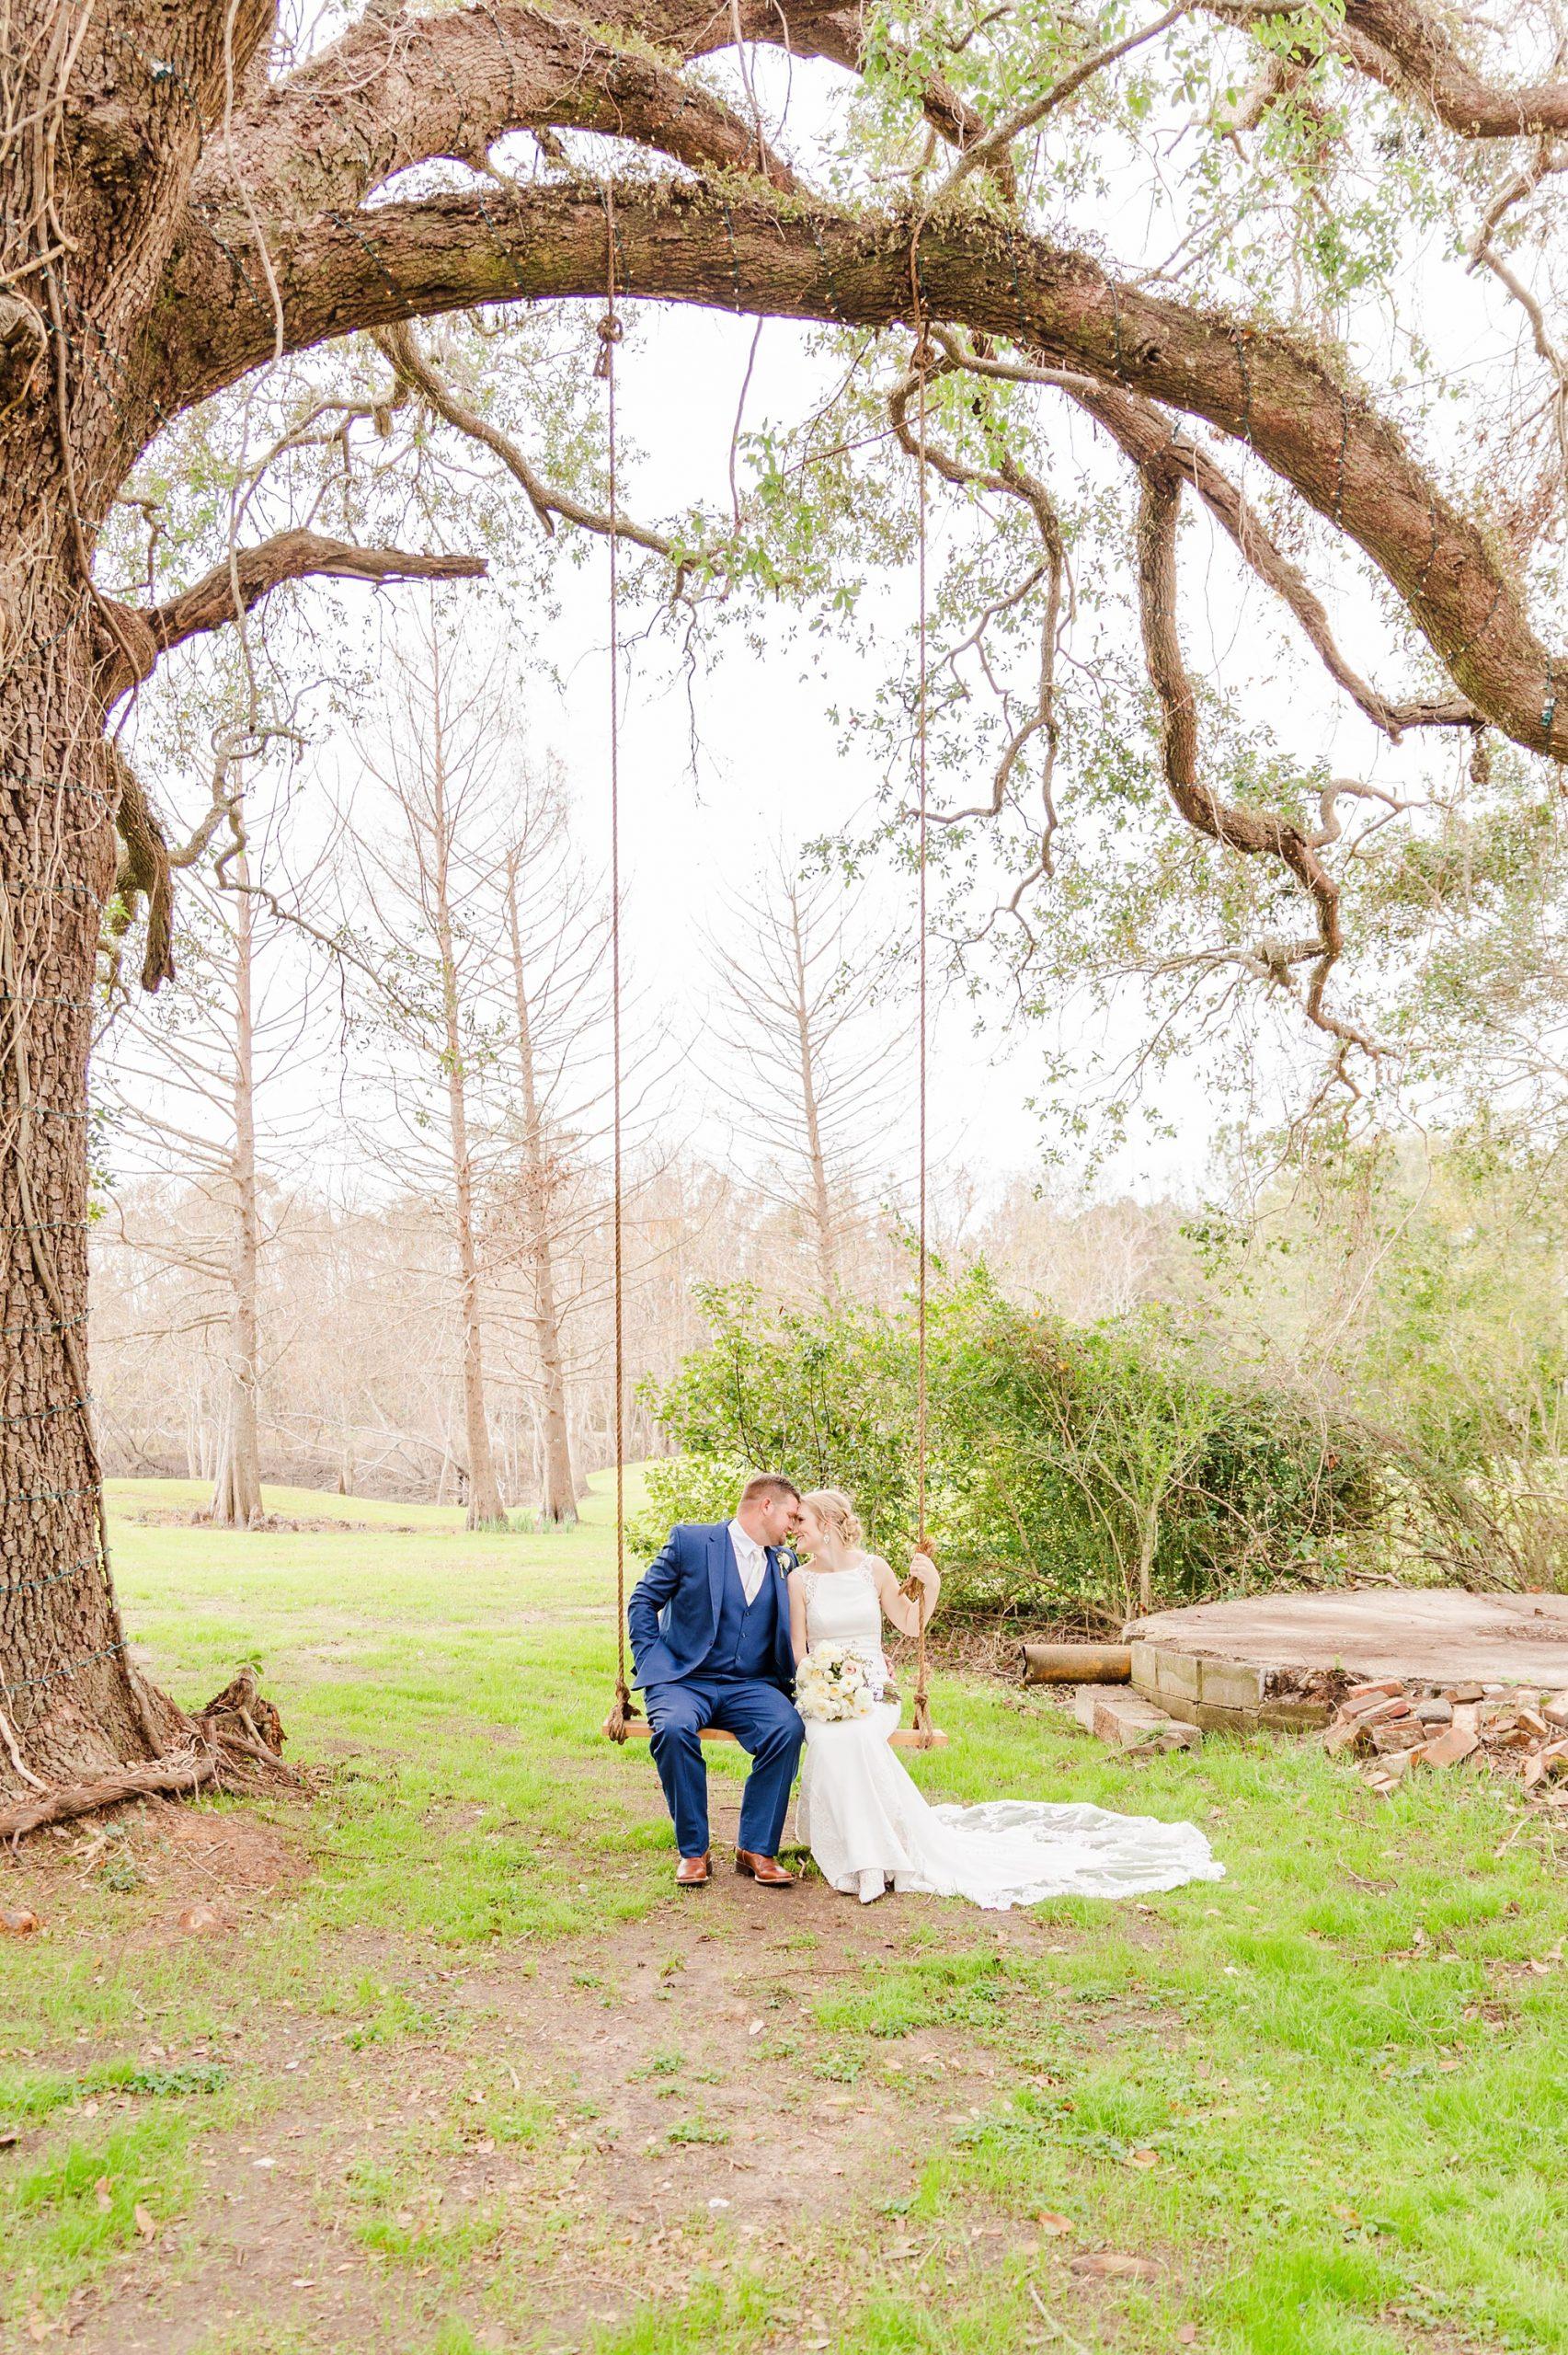 newlyweds swing on wooden swing